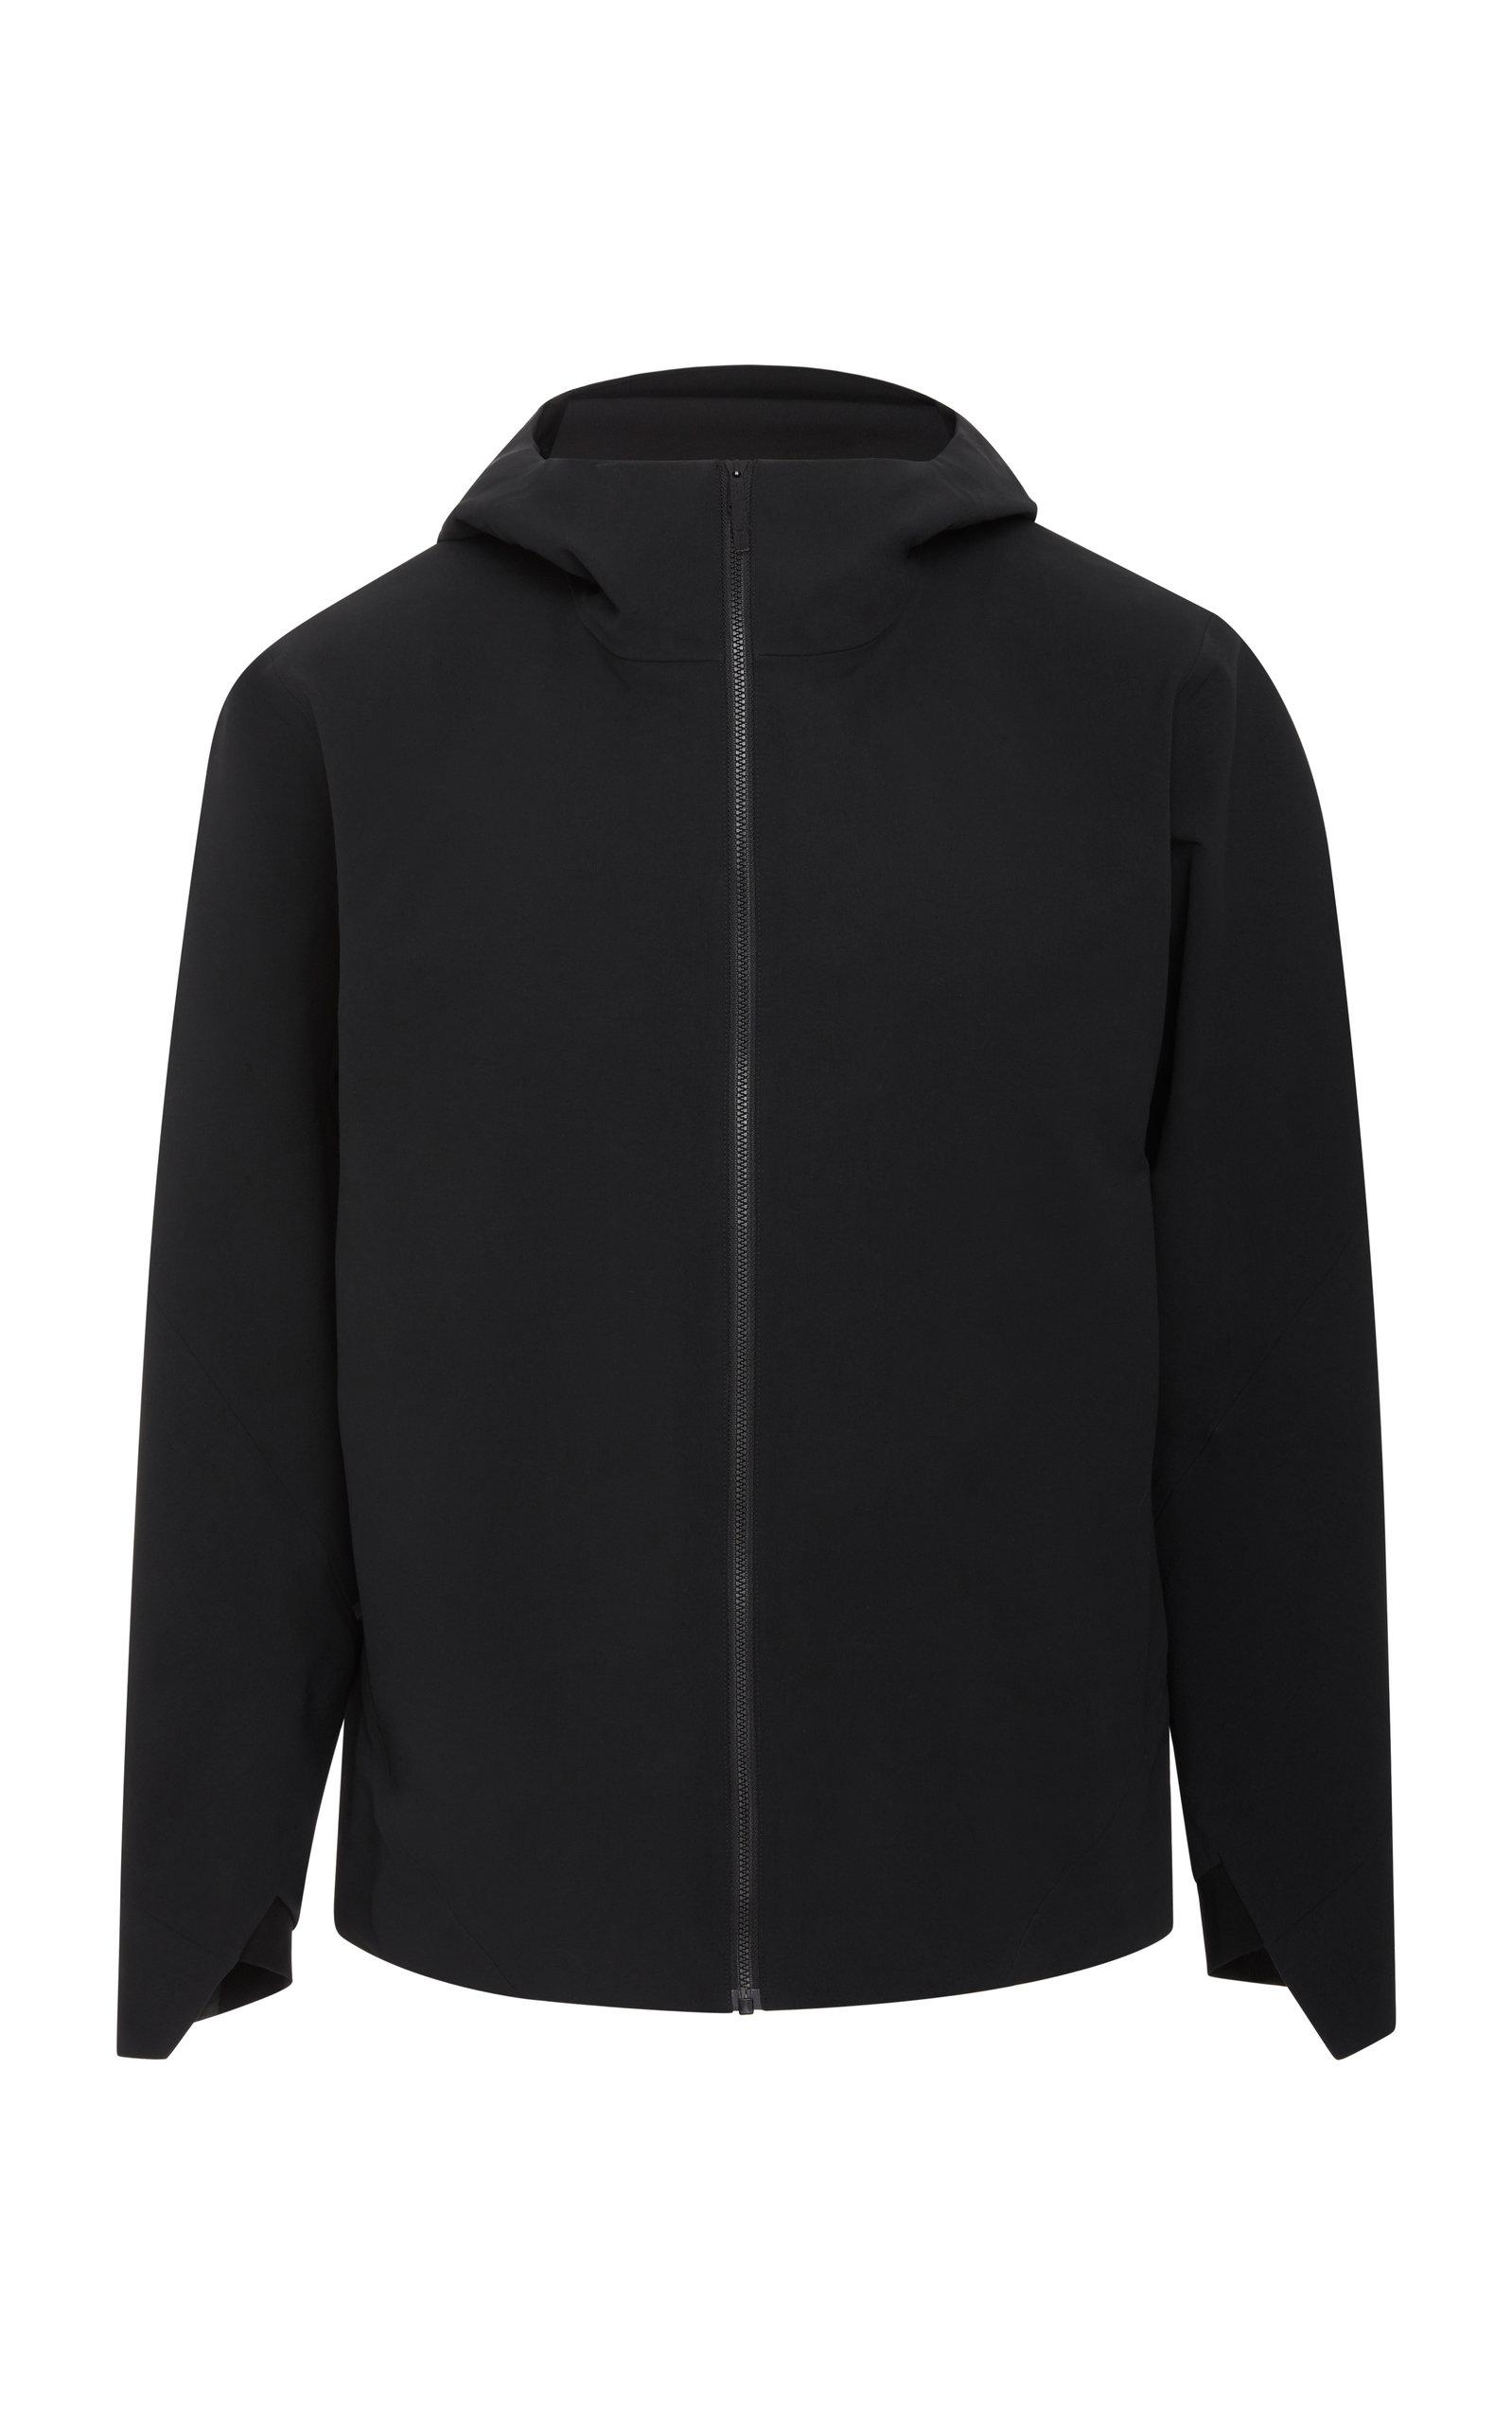 Arc'teryx Shell Black Jacket In Mx Isogon wYrn6PYO